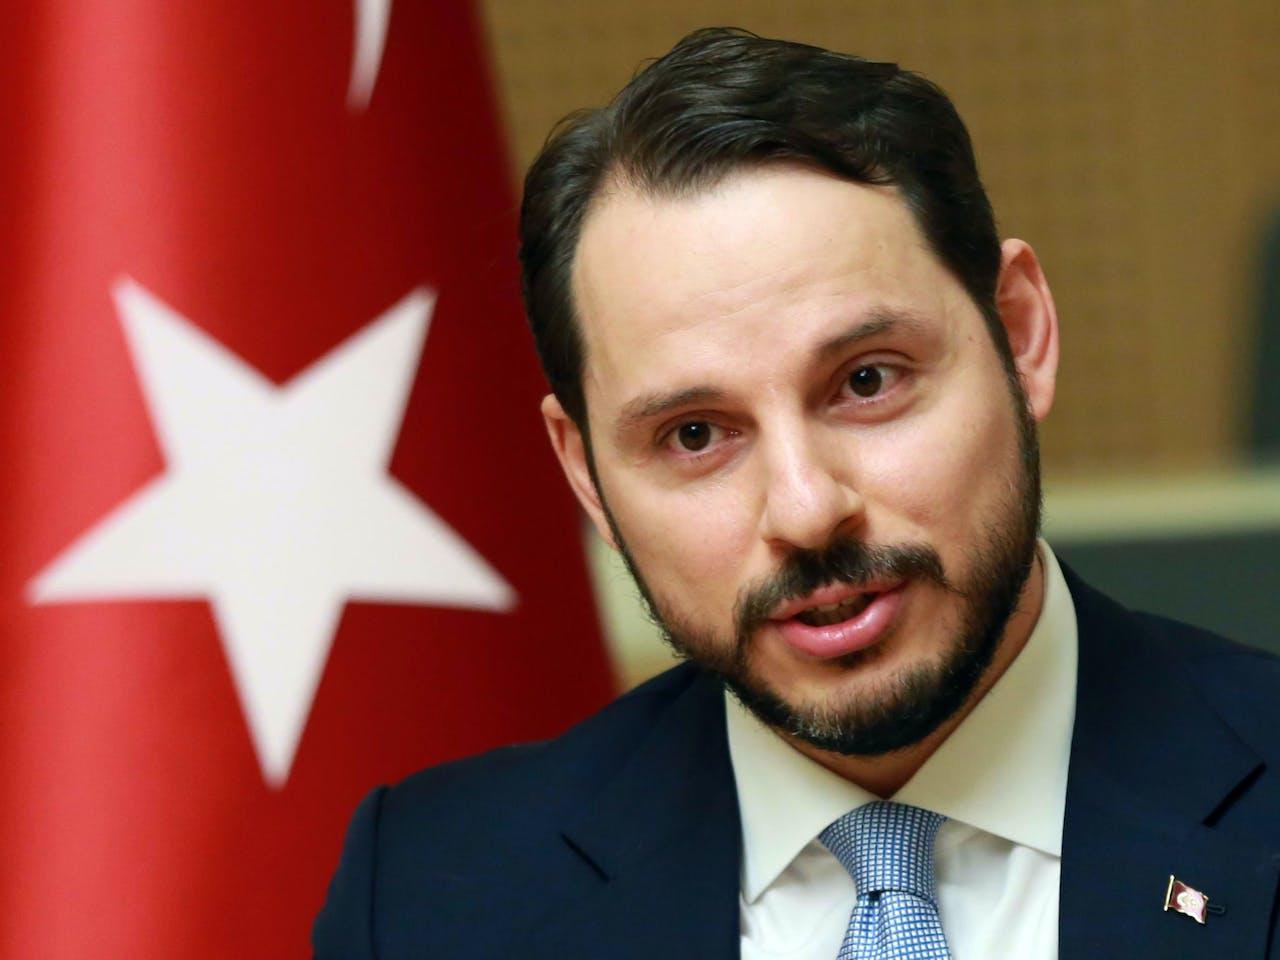 De 40-jarige Berat Albayrak, schoonzoon van de president, minister van Financiën en de man die de Turkse economie mag gaan redden